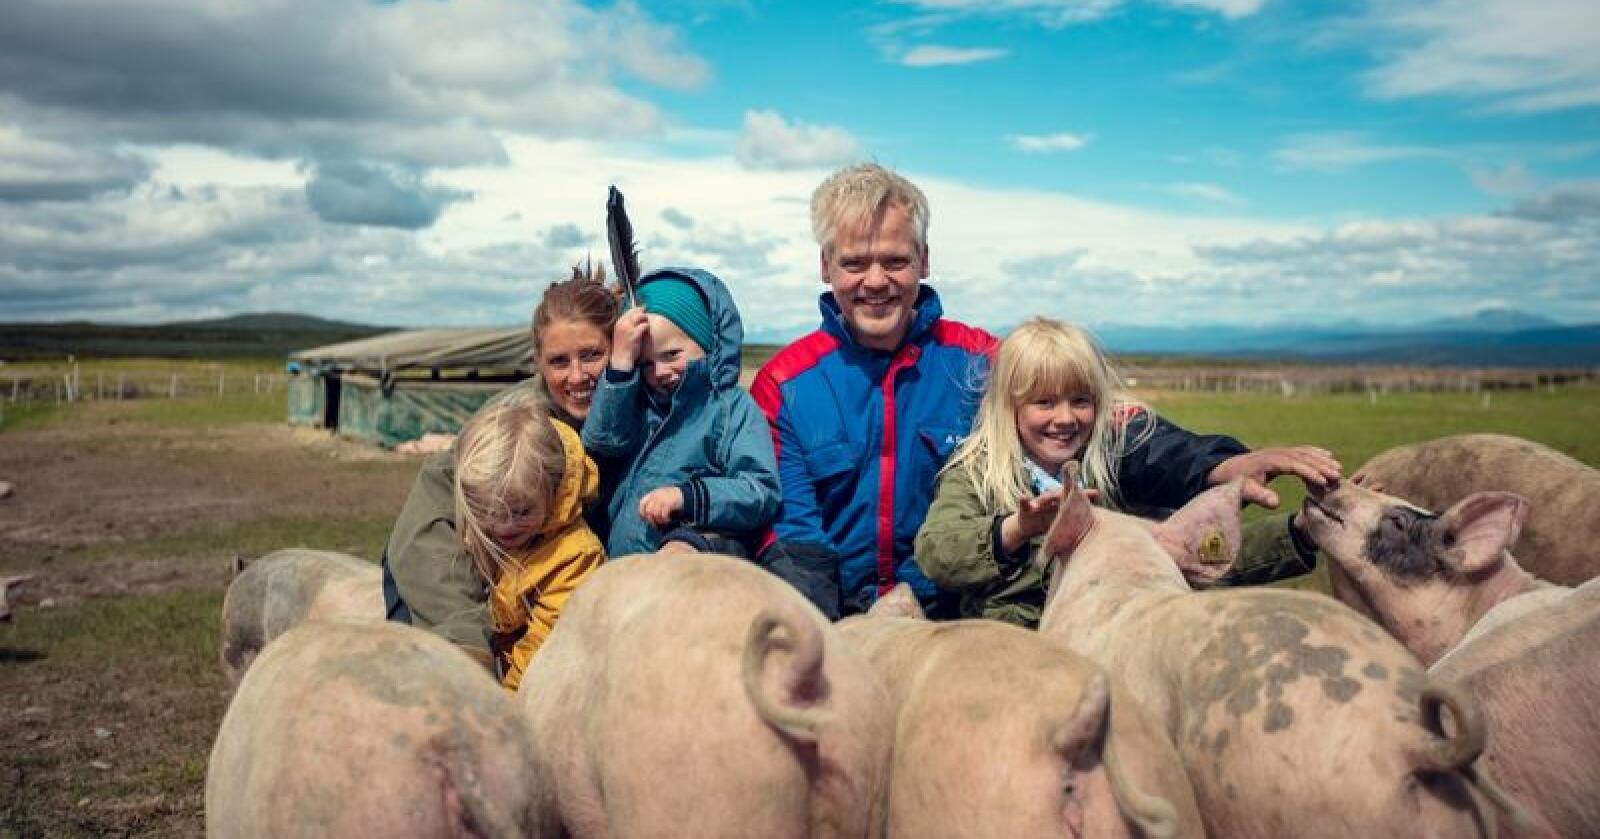 Ragnhild, Knut og barna Sigrid, Birger og Olea trives blant fjellgrisen høyt oppe i Valdres. Foto: Bård Gundersen